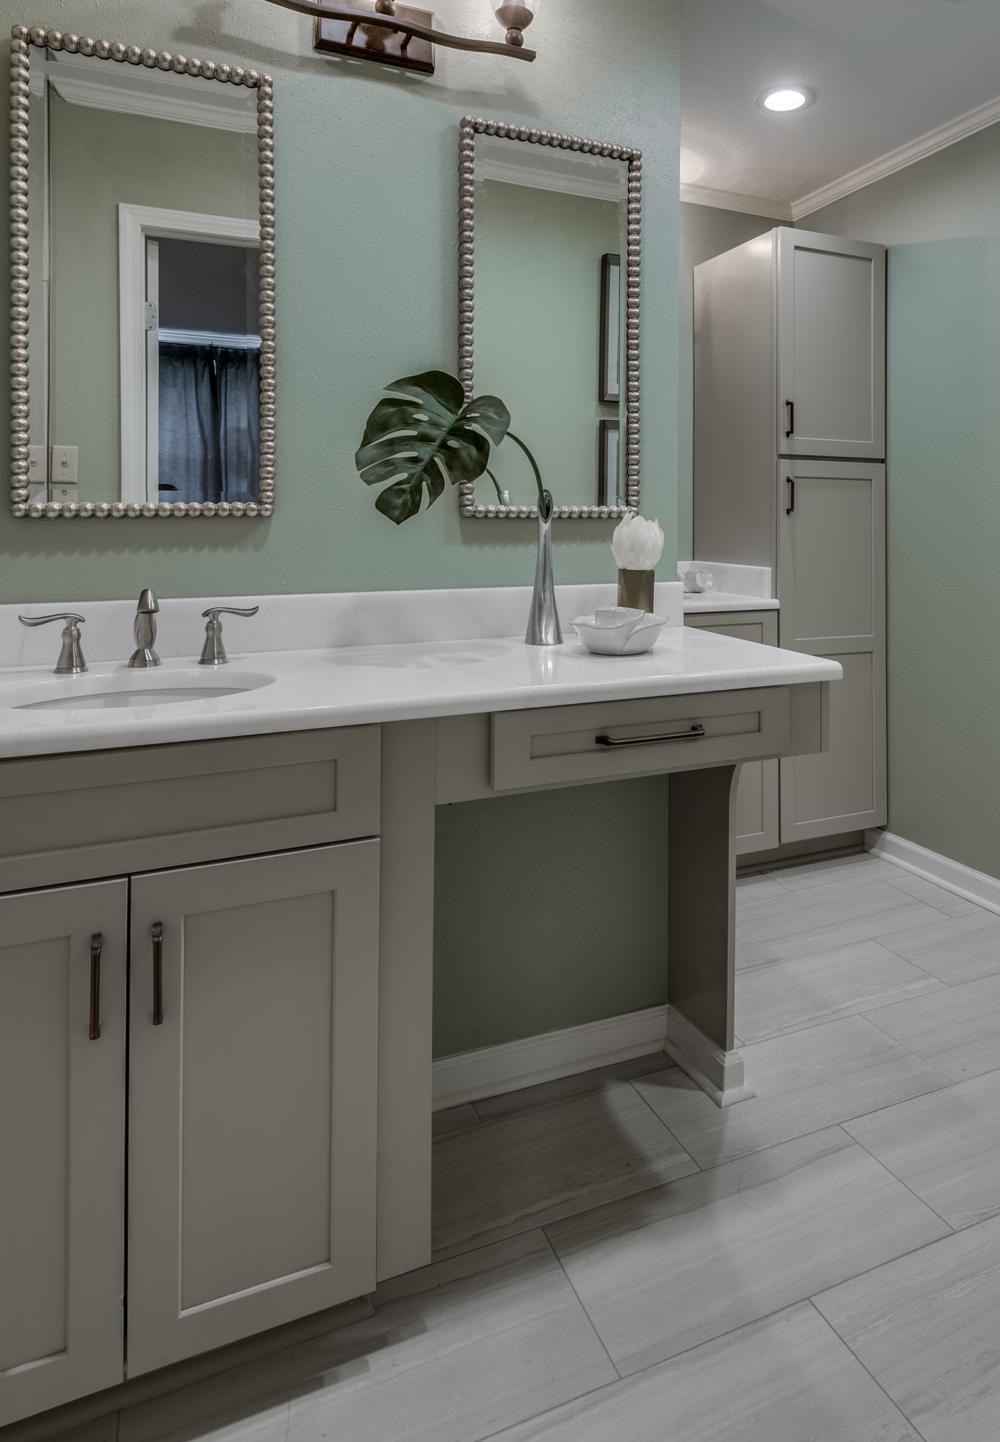 khb interiors new orleans interior designer